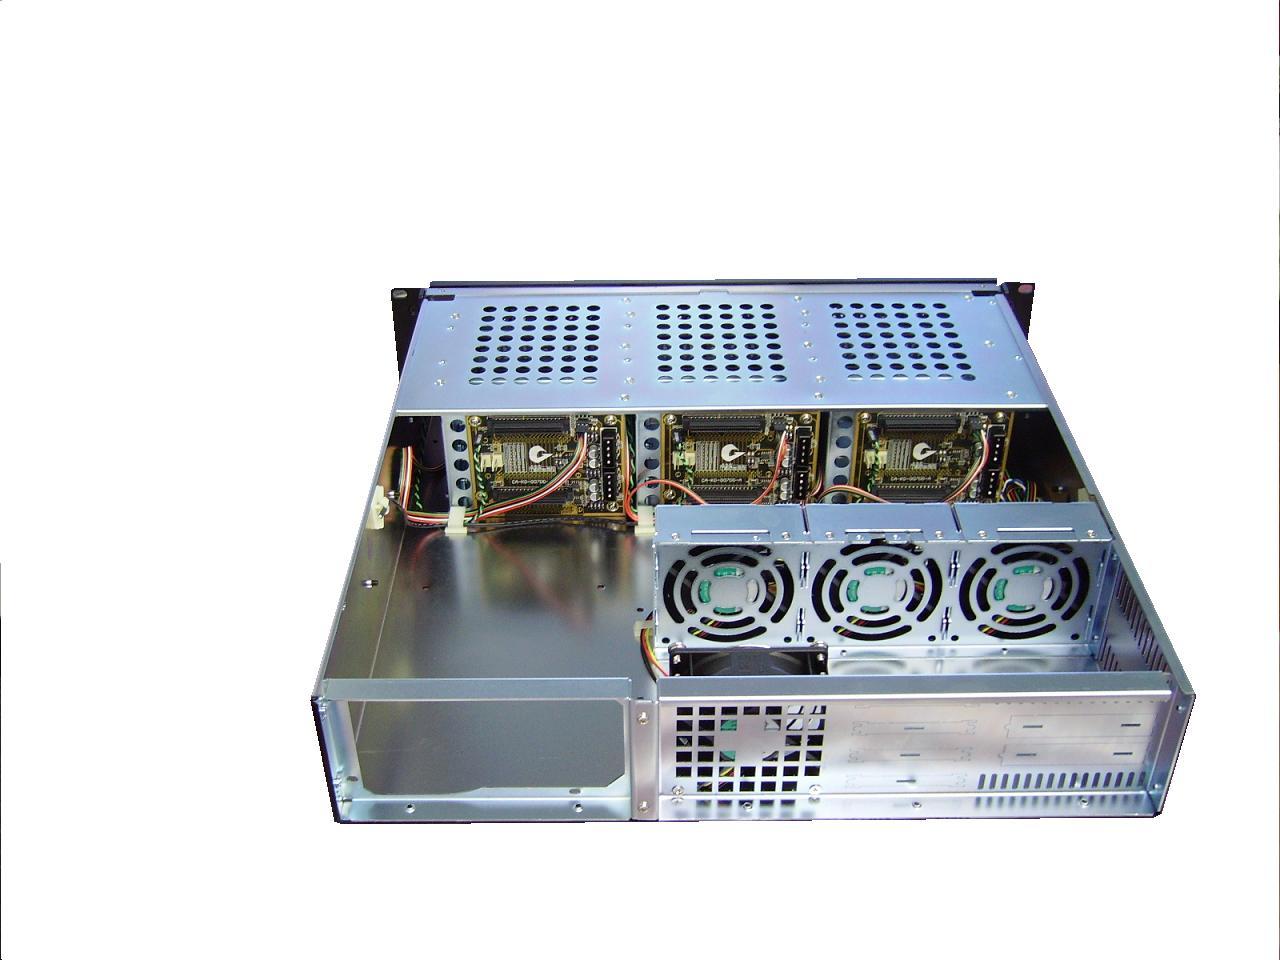 Raid Storage 2u Rackmount Storage Chassis Disk Array